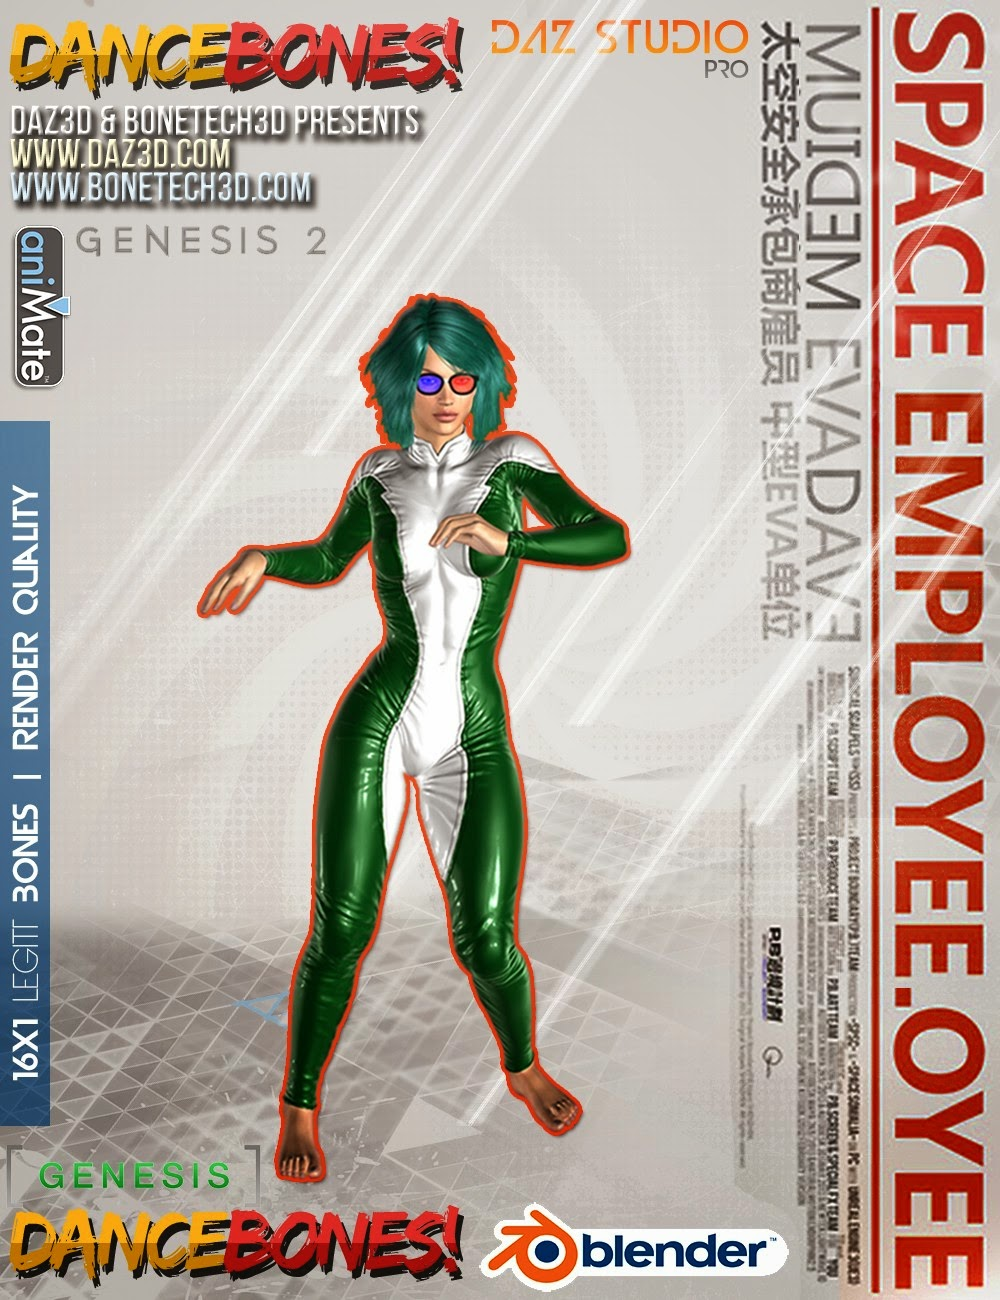 Animations de danse pour Genesis Vol.2